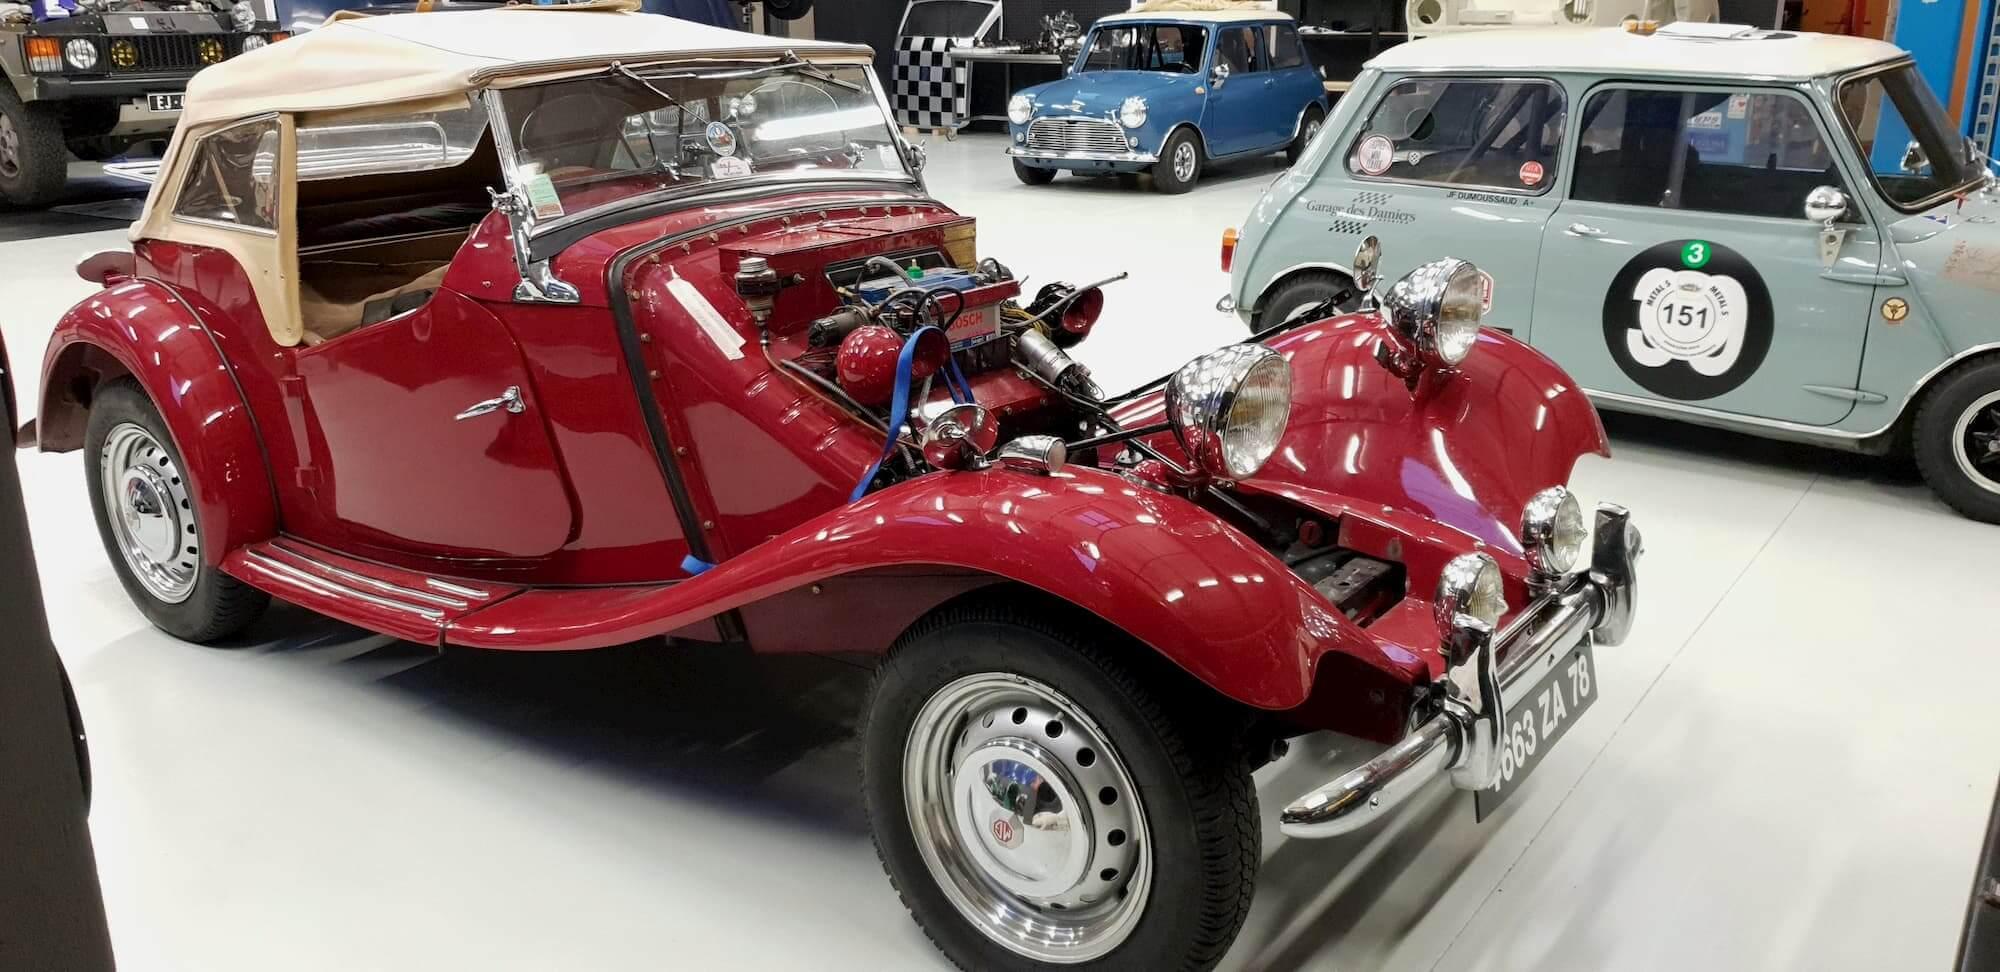 Réfection moteur de la MG au Garage des Damiers - voiture ancienne anglaise